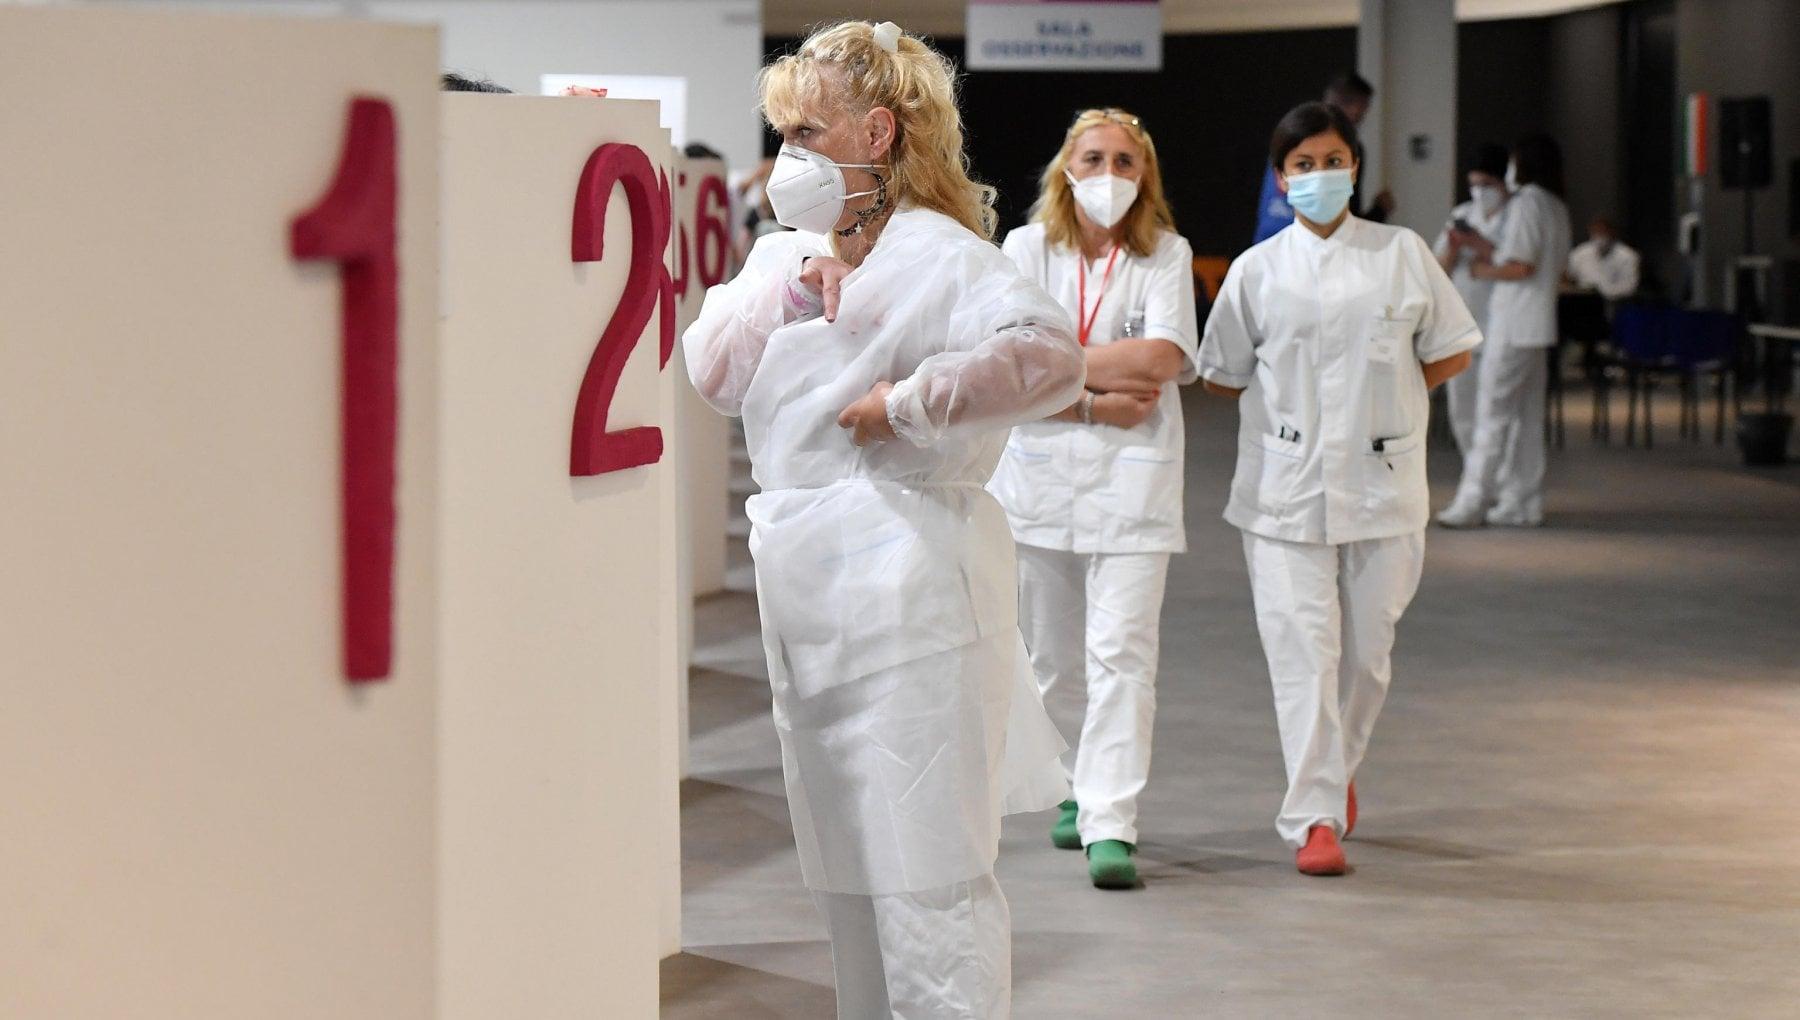 165530706 c36b0639 cfae 4b10 8e56 b0f8413e5a39 - Coronavirus Italia, il bollettino di oggi 15 agosto: 5.664 nuovi casi e 19 morti